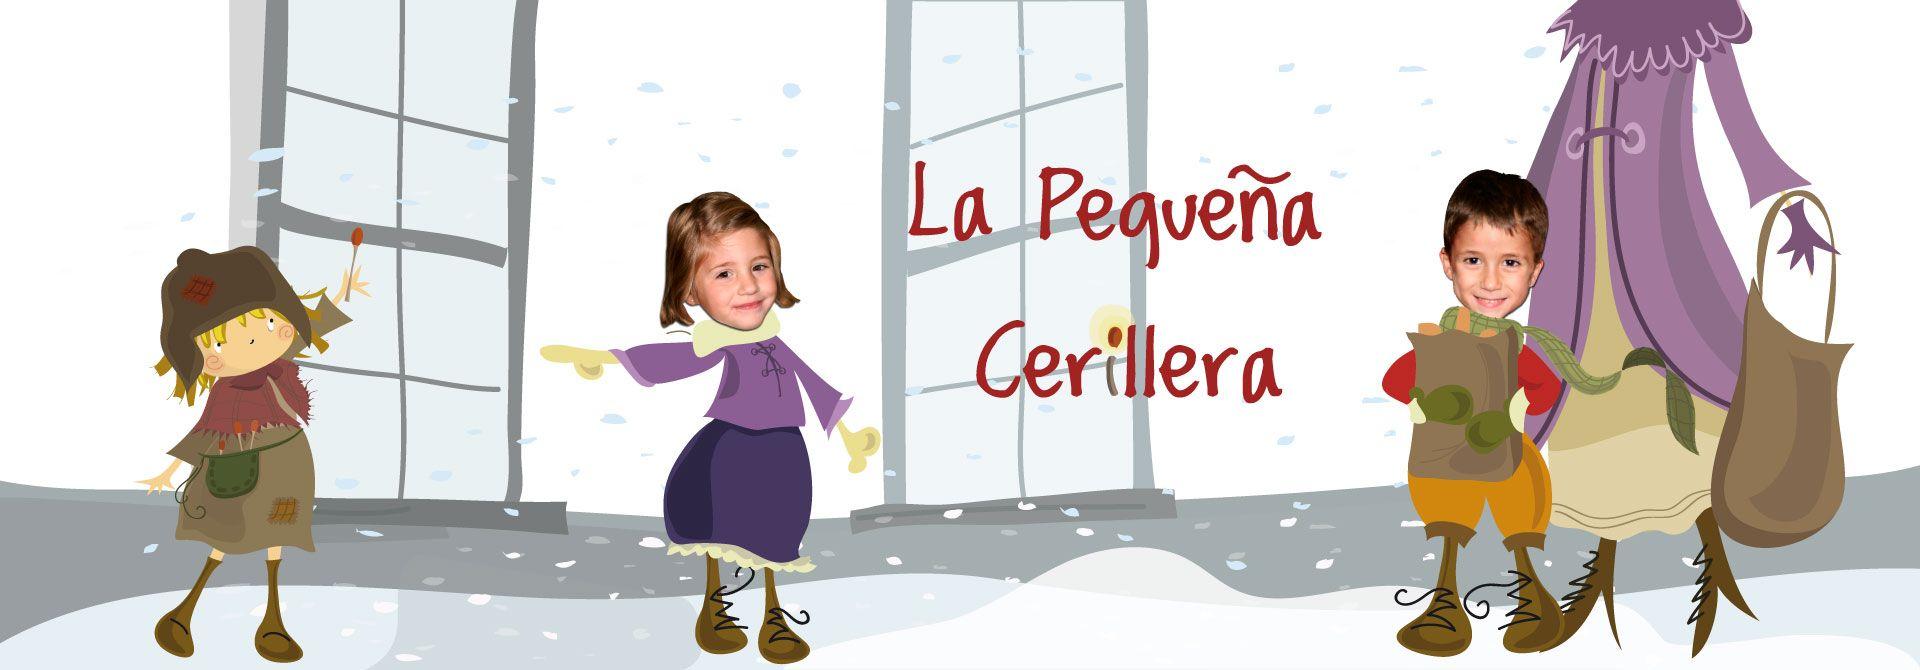 Cuento personalizado La pequeña cerillera - Una historia de Navidad - Encabezado del producto